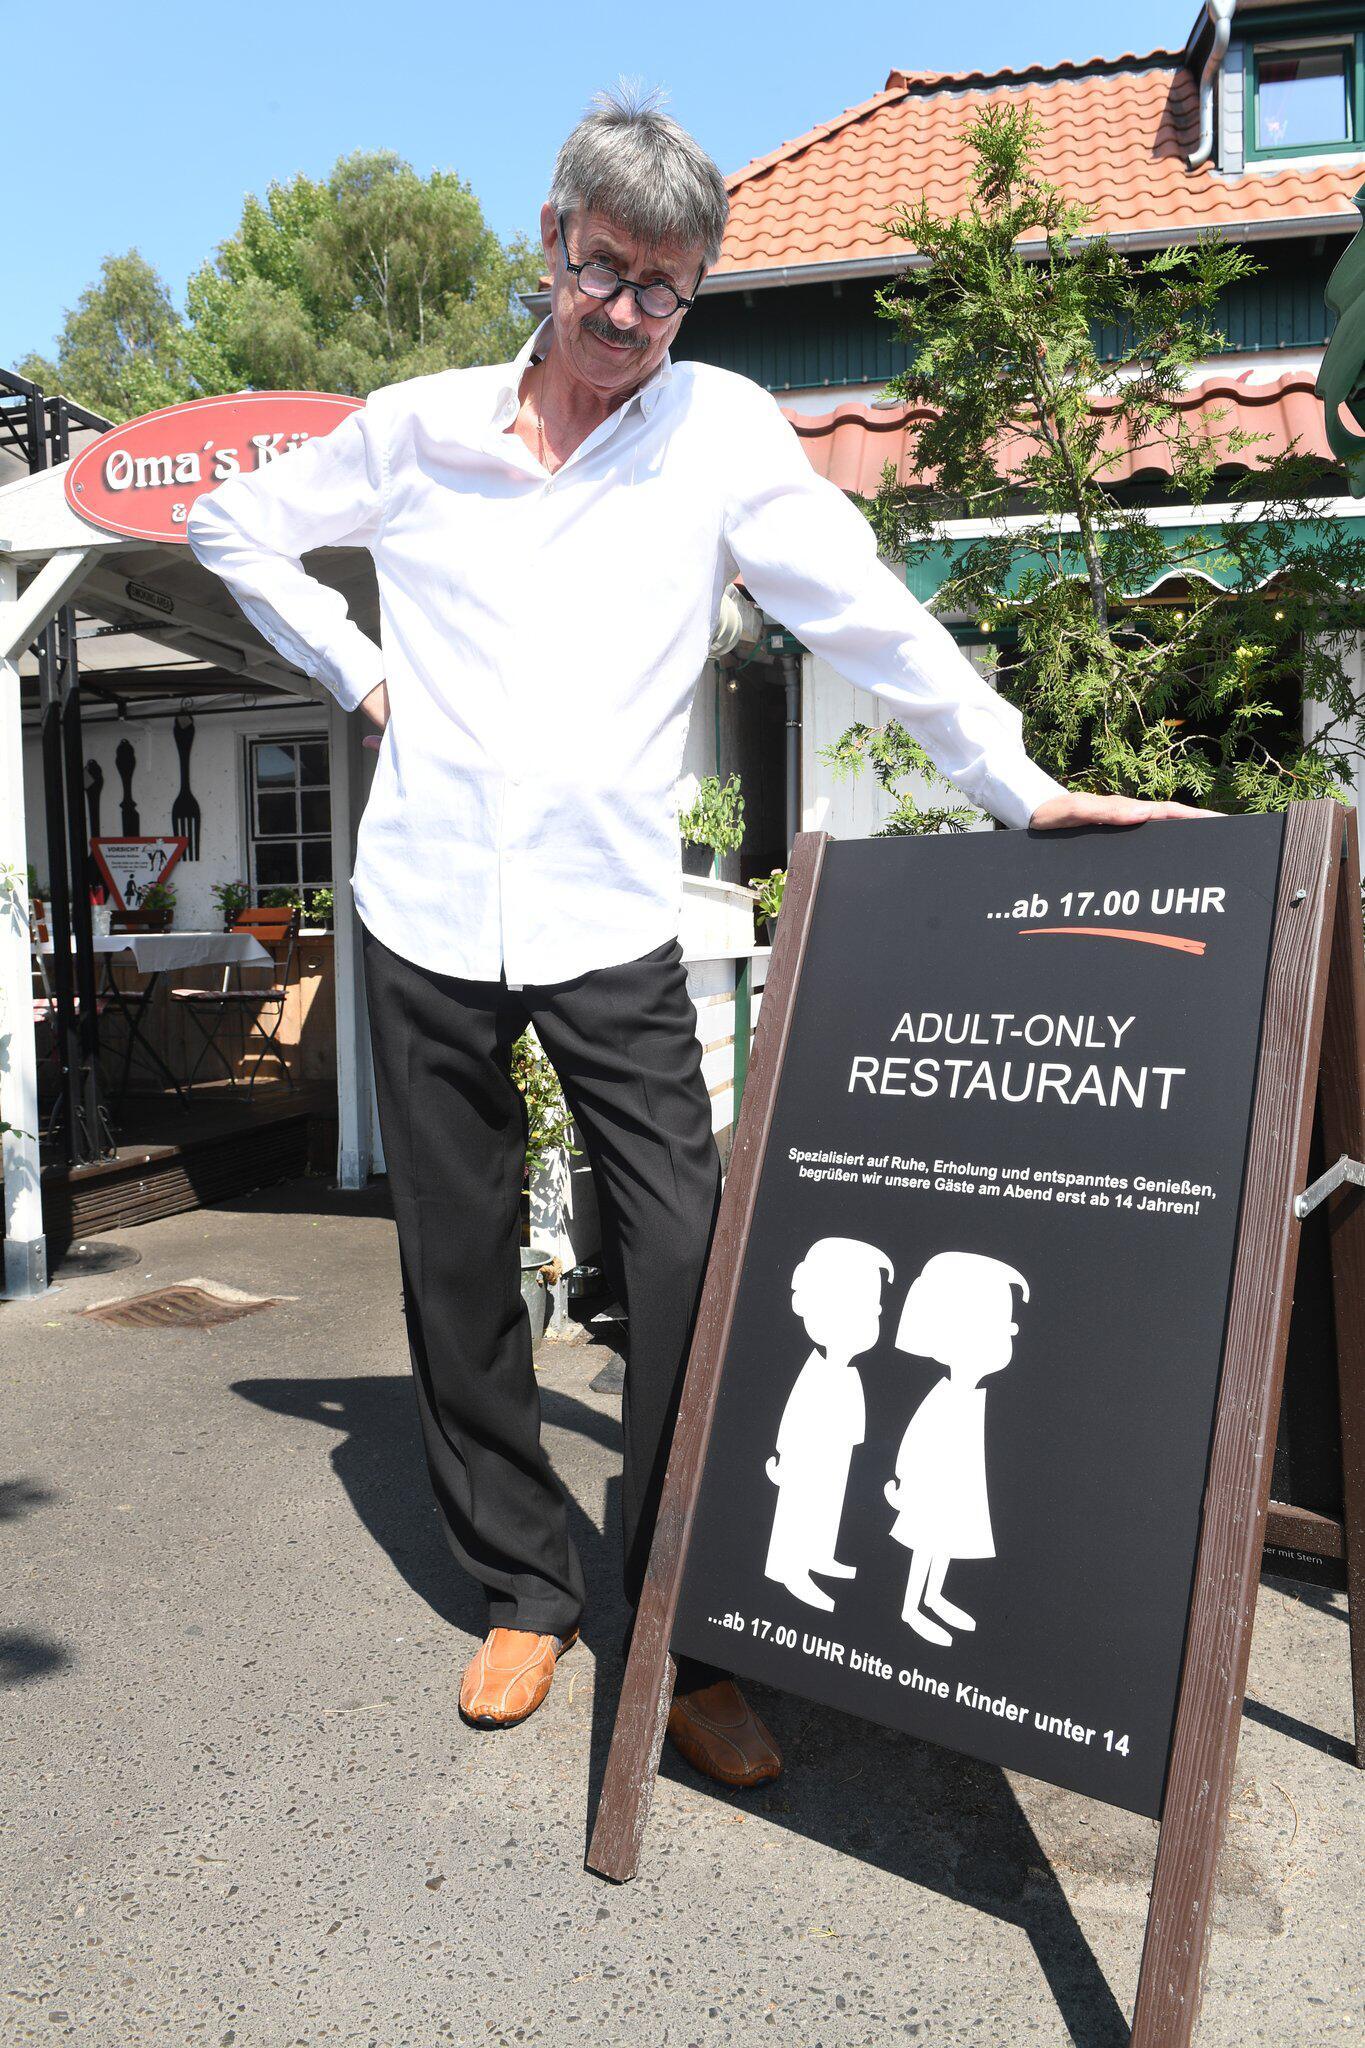 Bild zu Restaurant auf Rügen lässt abends keine Kinder mehr rein